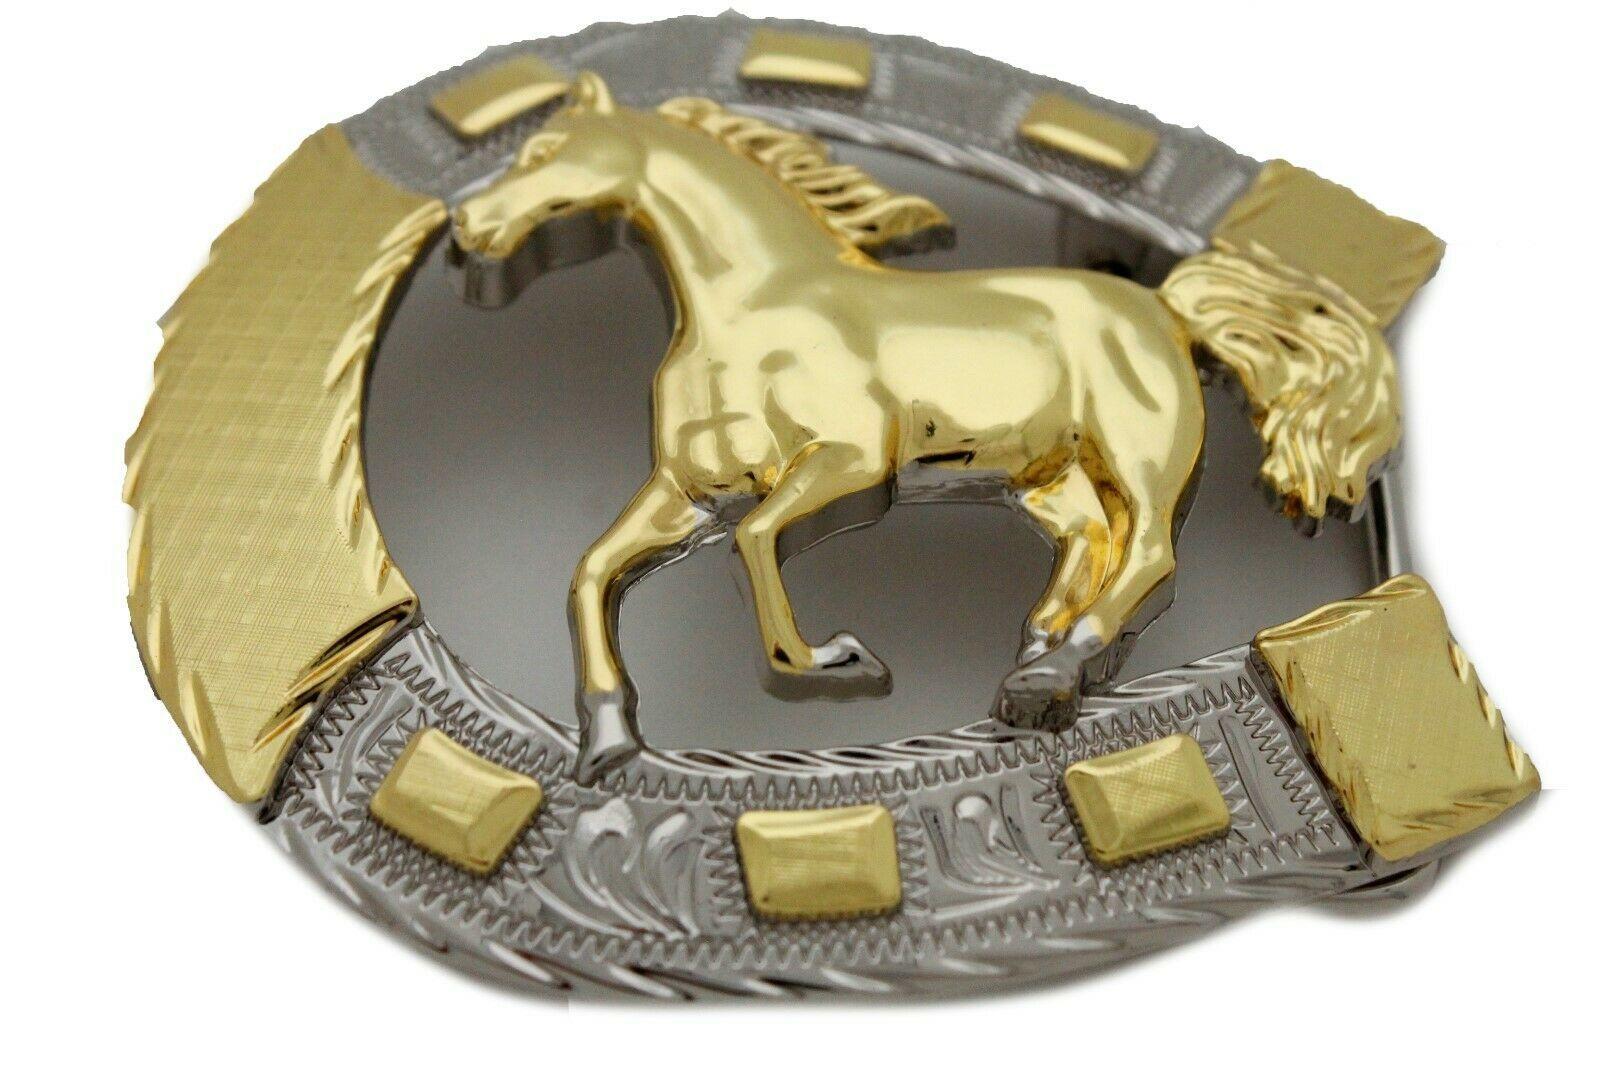 Hombre Western Cowboys Cinturón Hebilla Metal Plateado Caballo Rodeo Detalle image 7